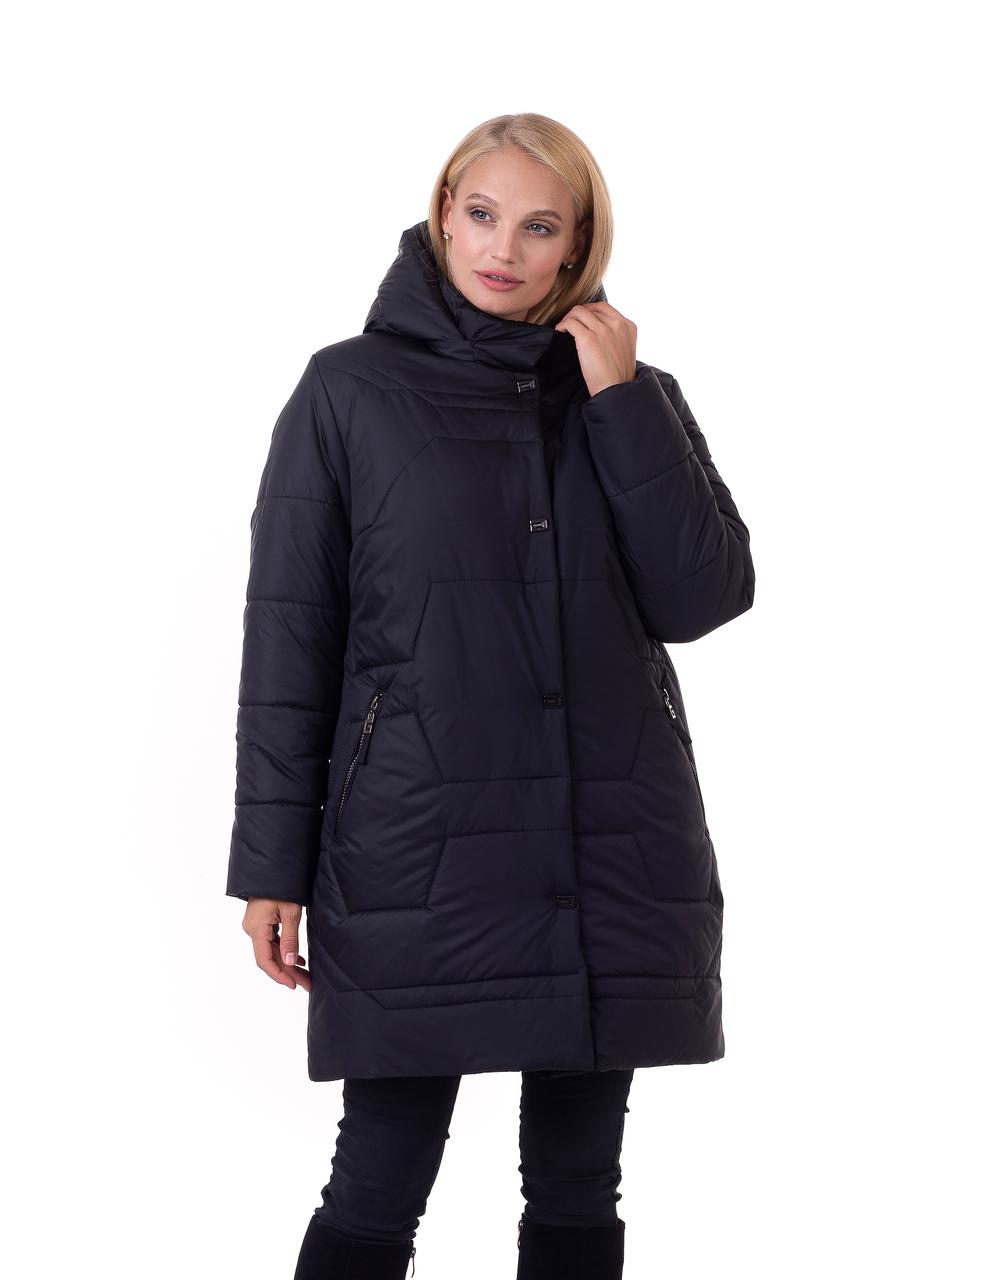 Зимова куртка від виробника Україна